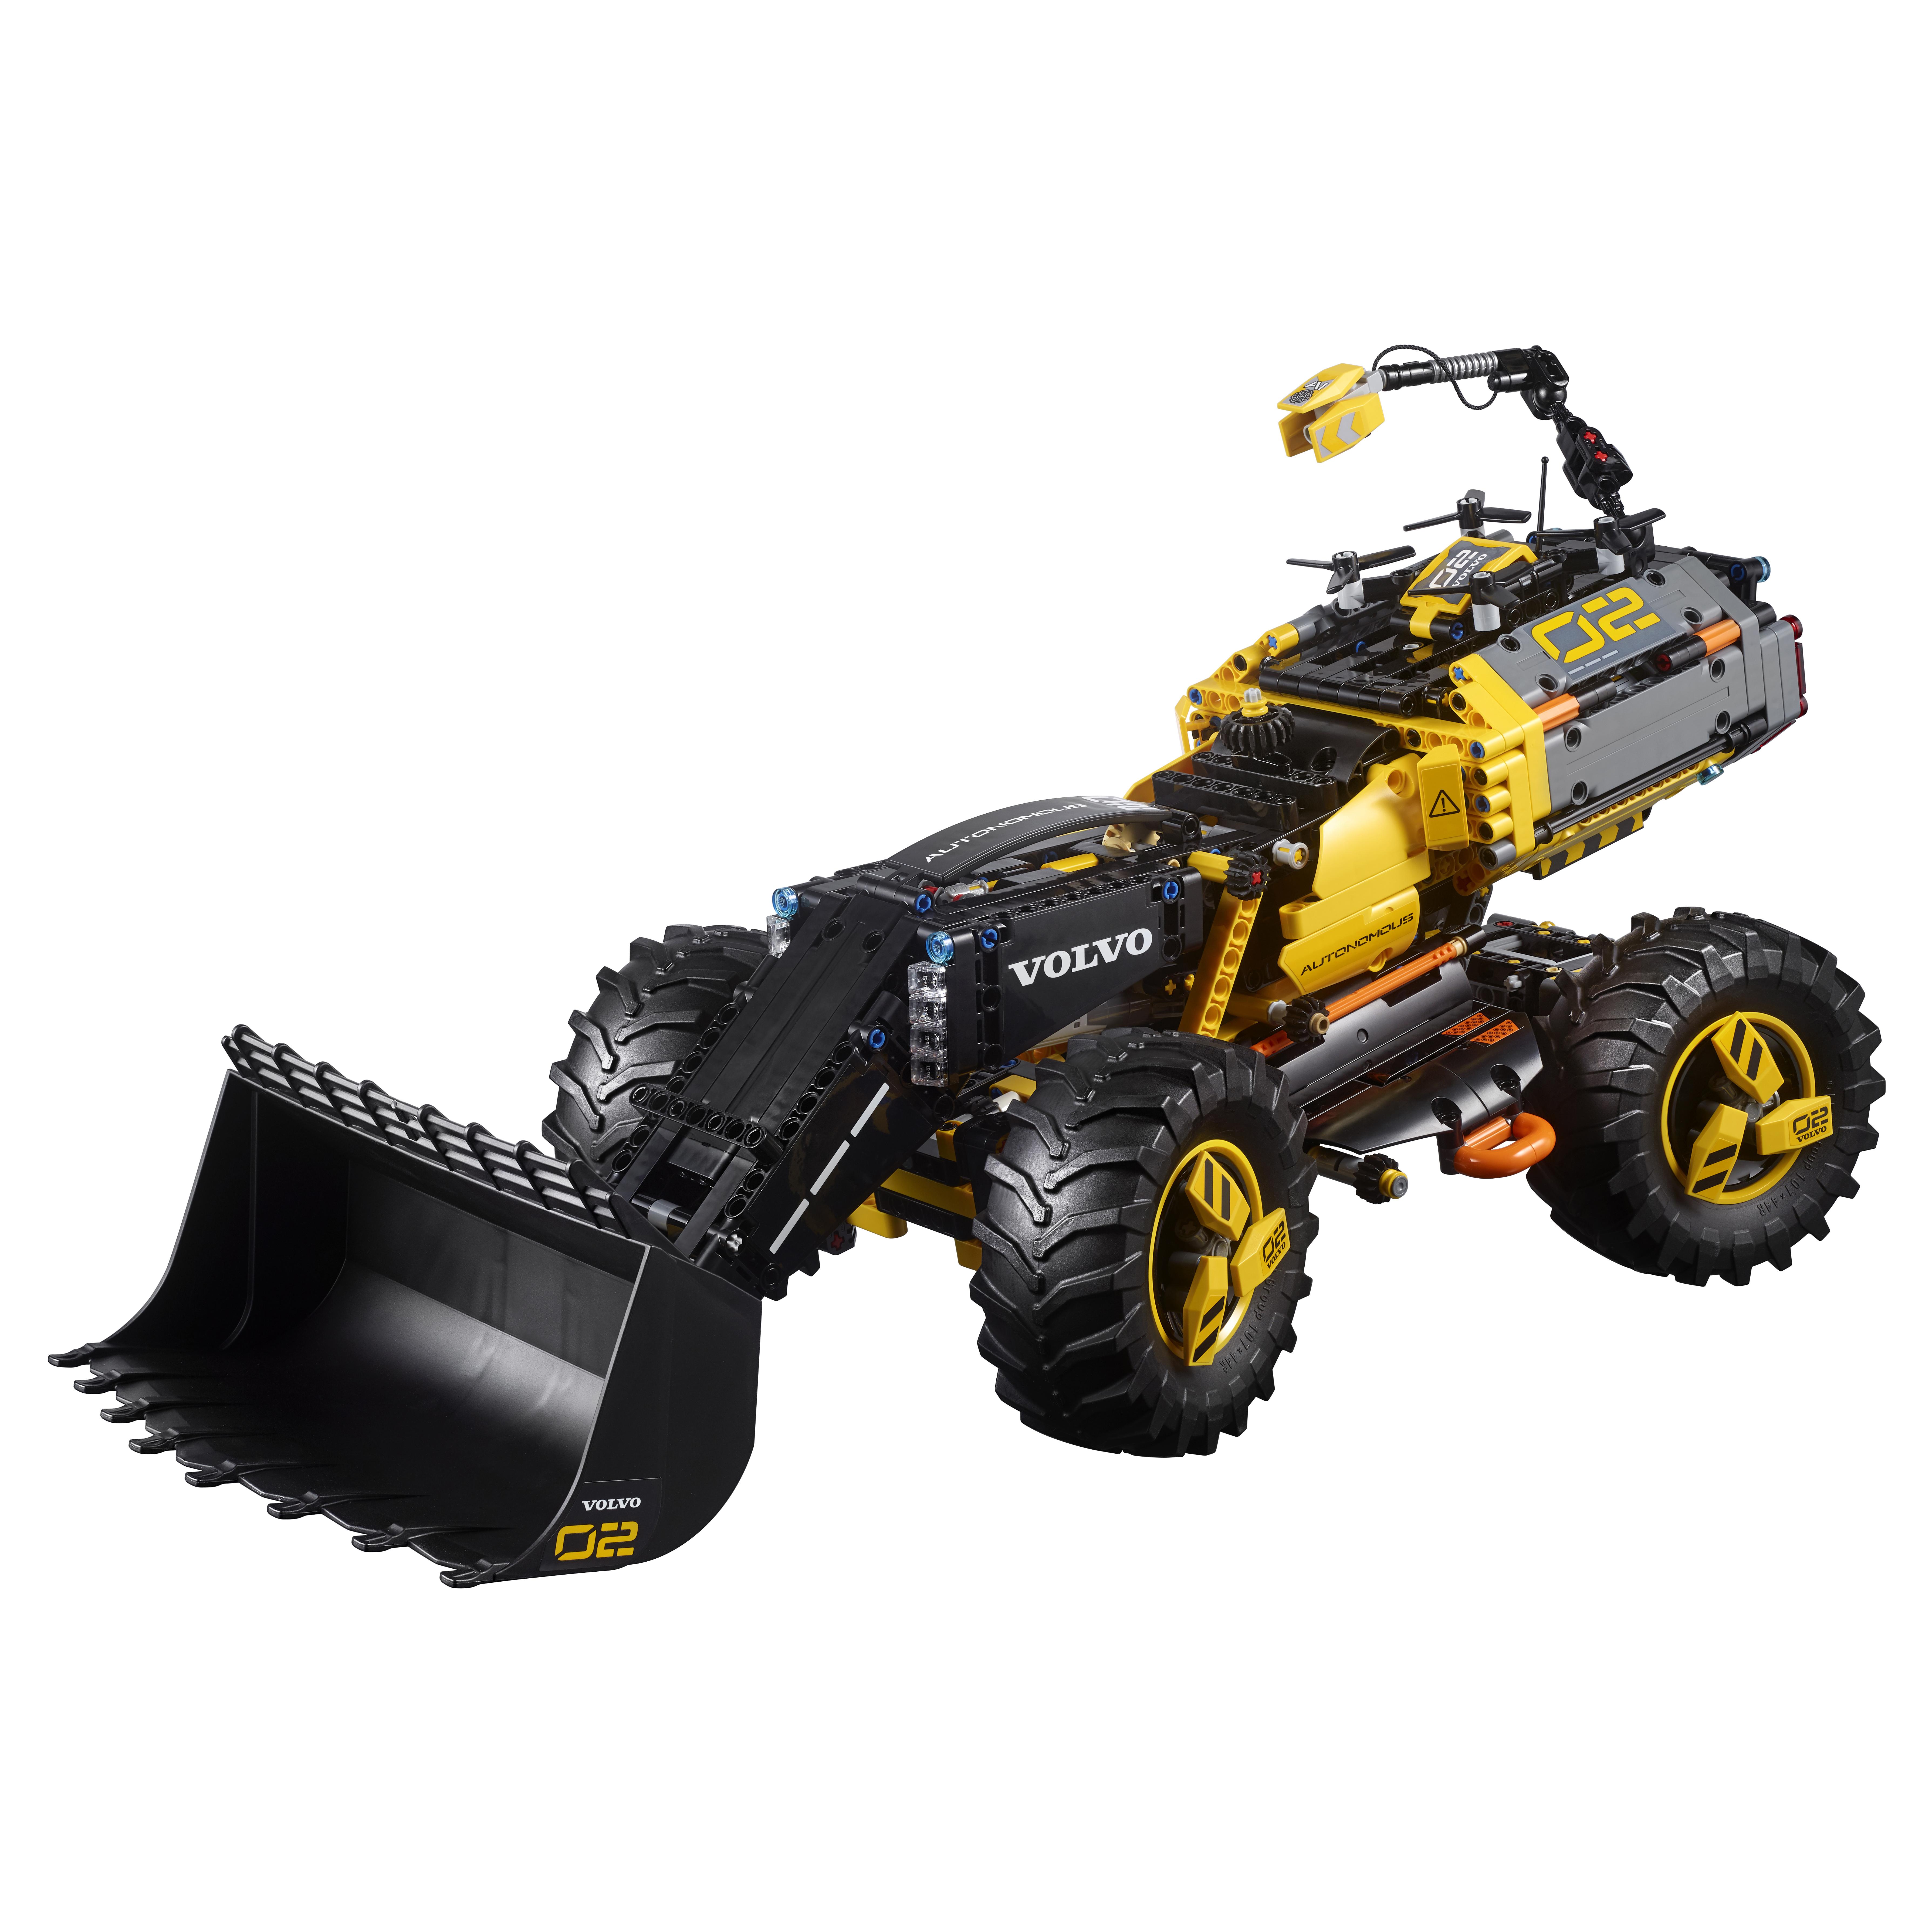 Купить Конструктор lego volvo колёсный погрузчик zeux 42081, Конструктор LEGO VOLVO колёсный погрузчик ZEUX 42081, LEGO Technic